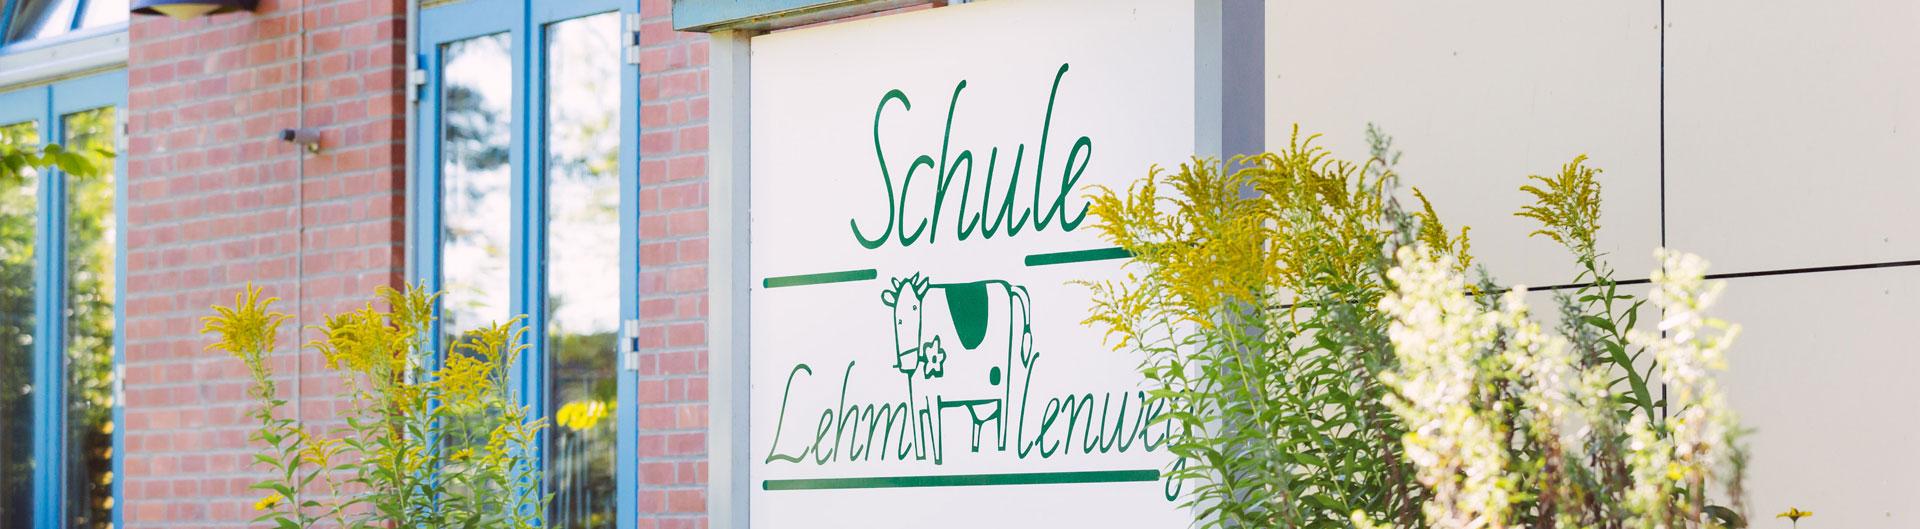 Das Bild zeigt das Schullogo auf einem großen Schild vor dem Schulgebäude der Schule Lehmkuhle.